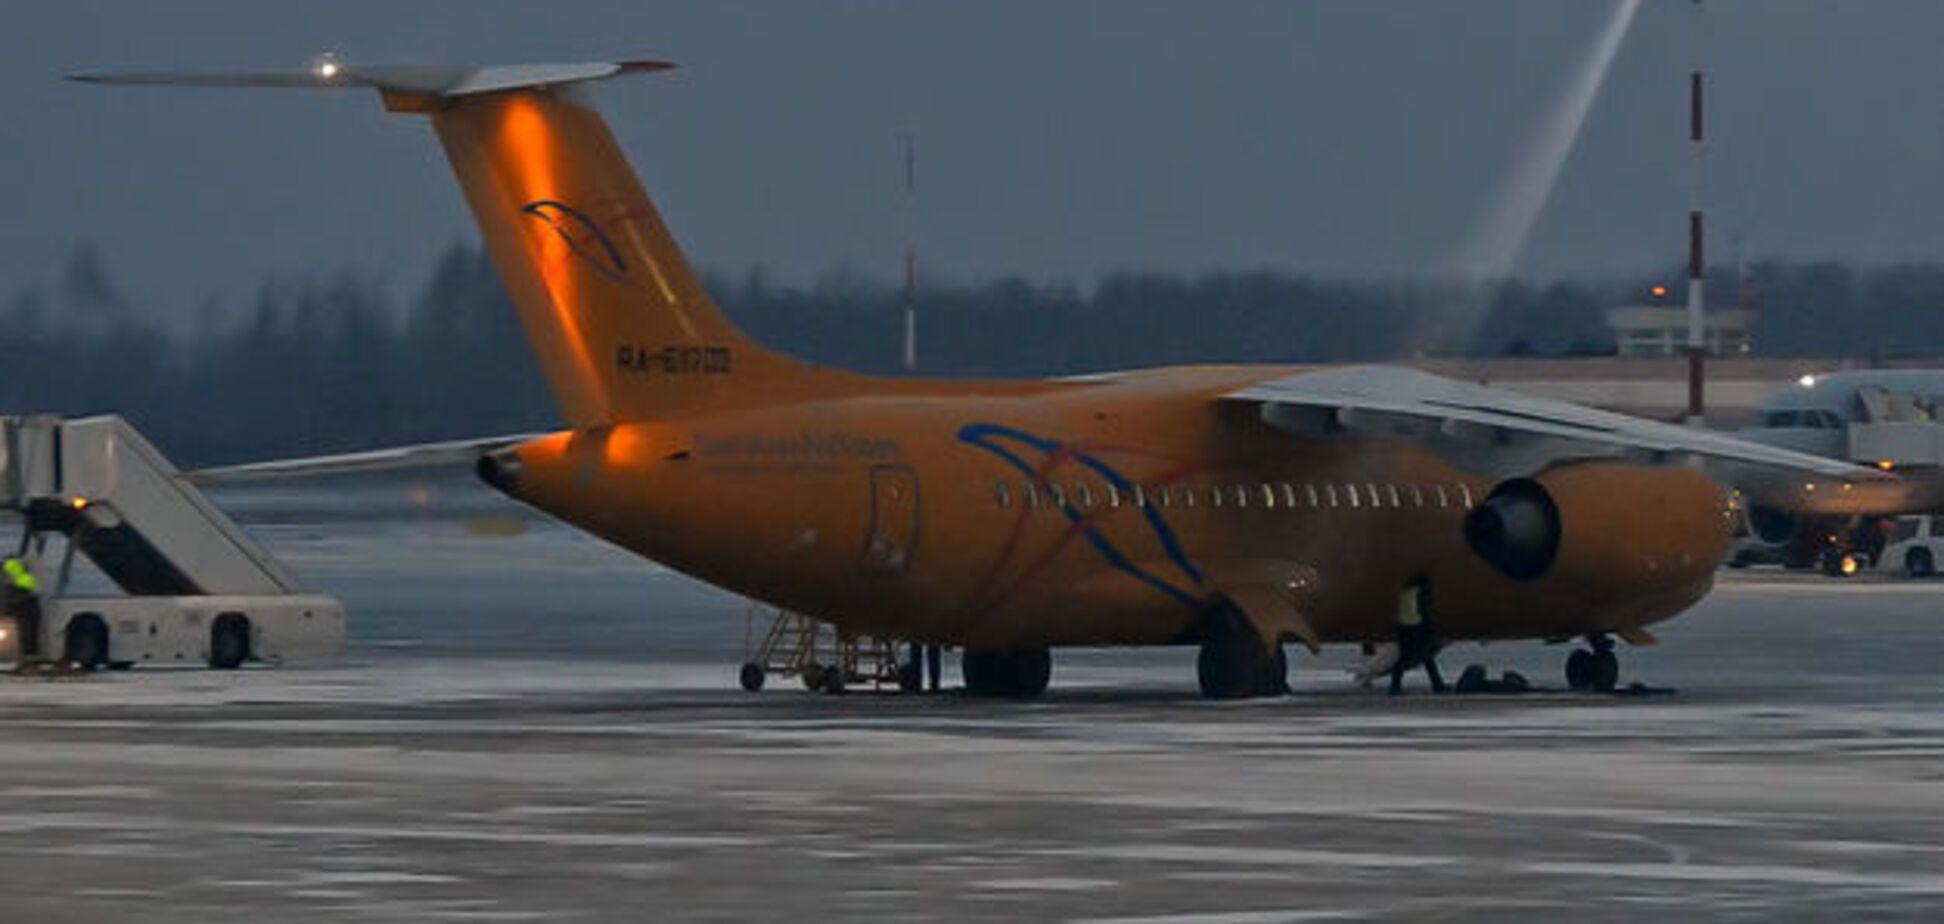 Катастрофа Ан-148 у Росії: в основних версіях знайшли нестиковки